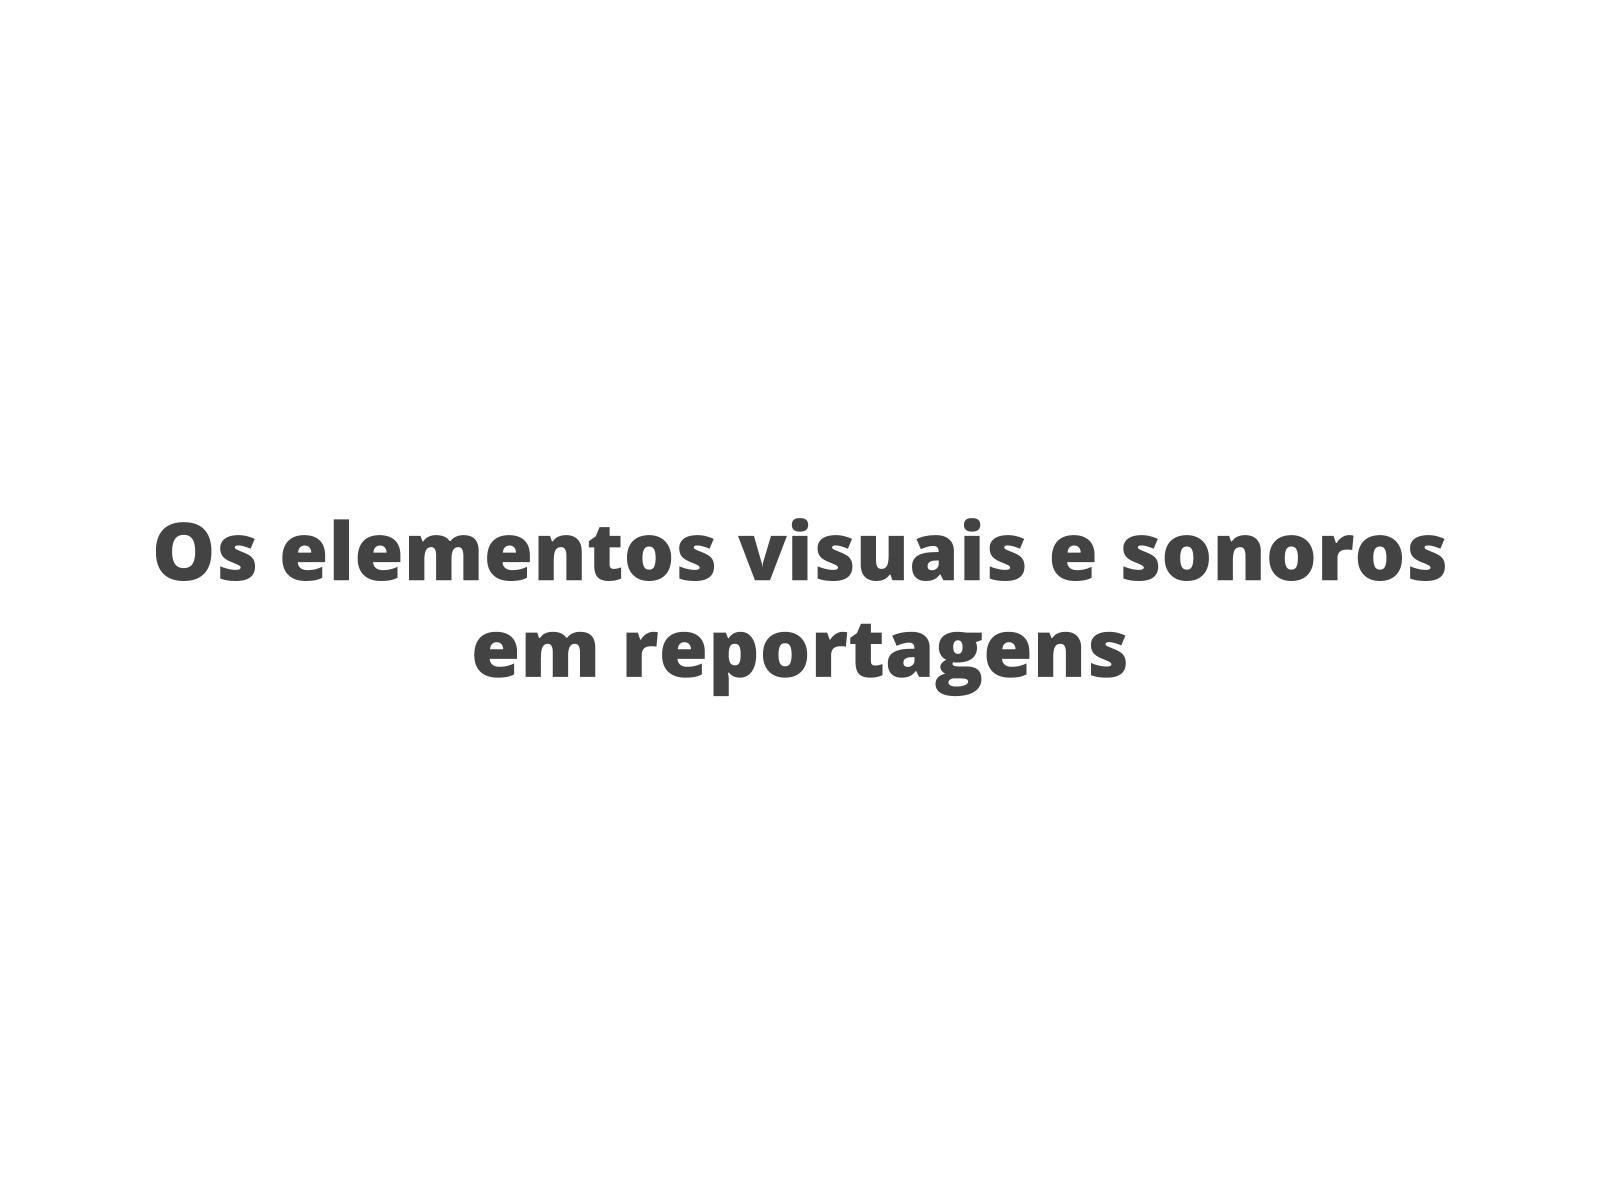 Análise dos elementos visuais e sonoros em reportagens